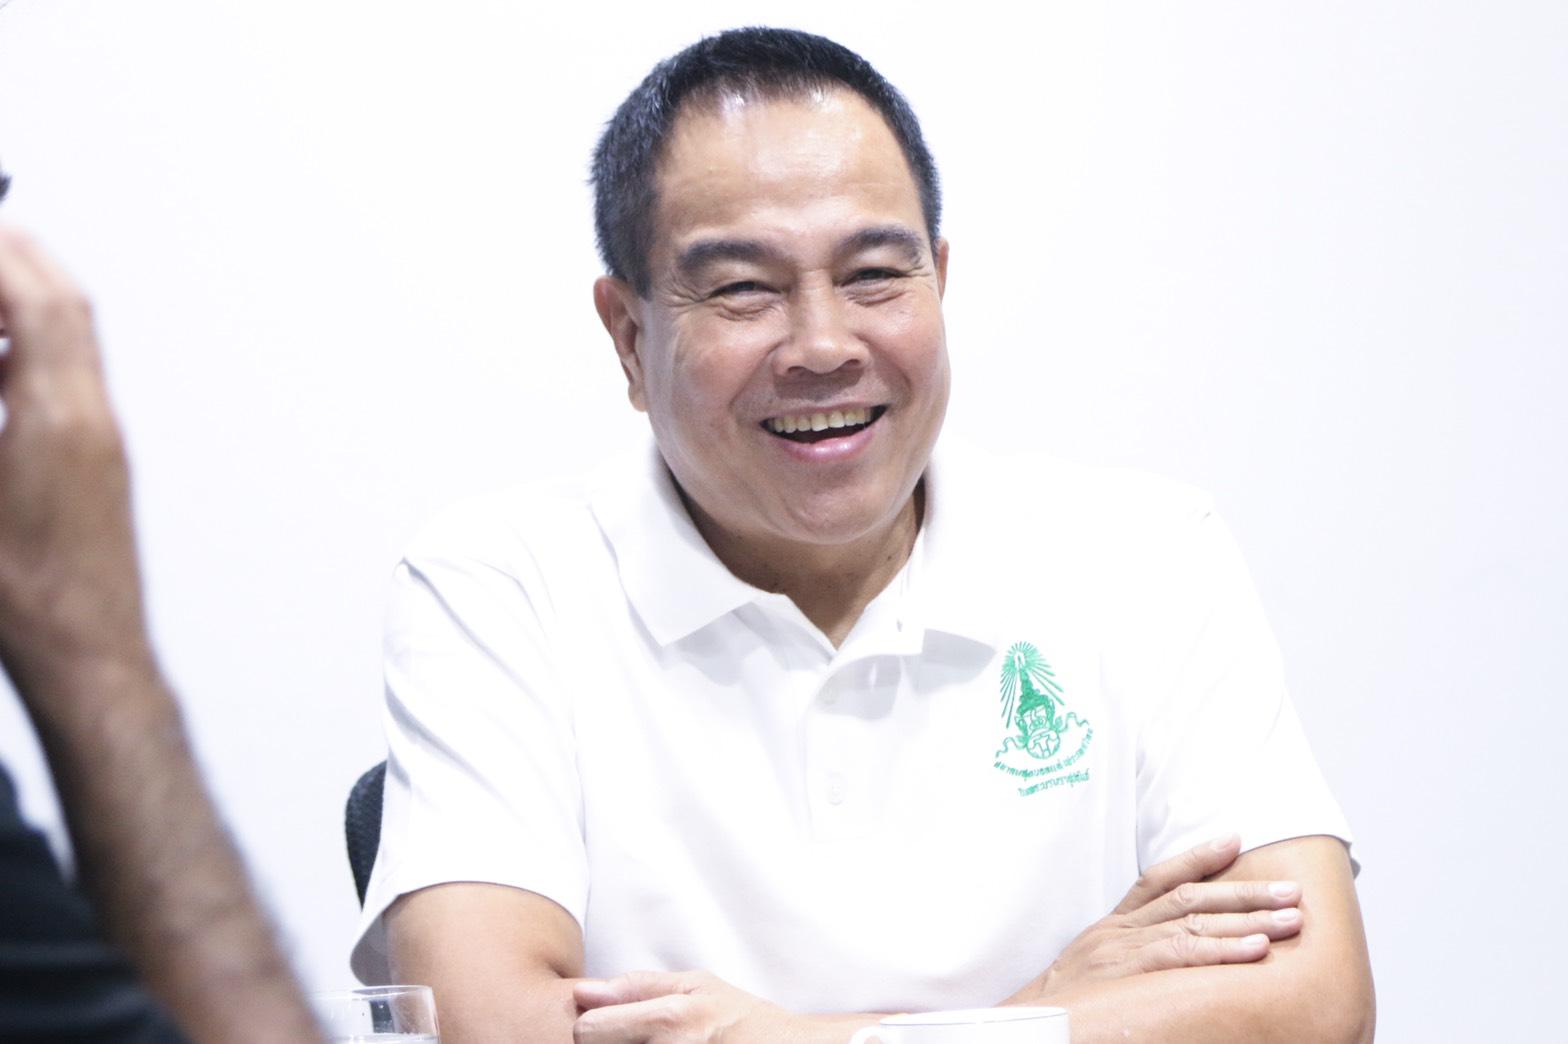 ทีมชาติไทย ศิริศักดิ์ ยอดญาติไทย สมยศ พุ่มพันธุ์ม่วง